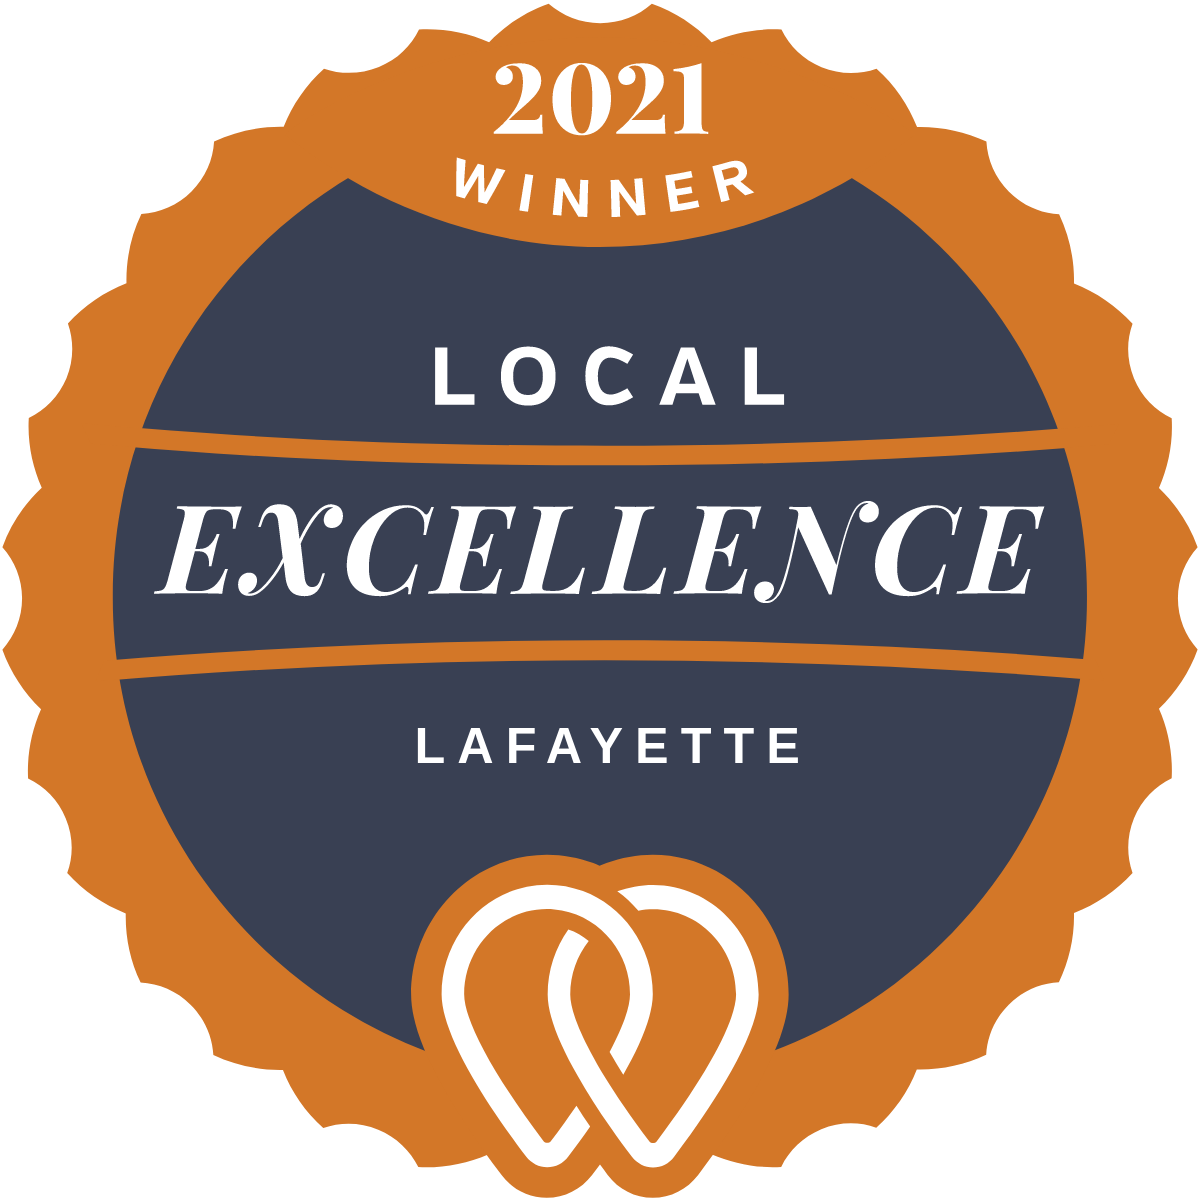 2021 Local Excellence Winner in Lafayette, LA